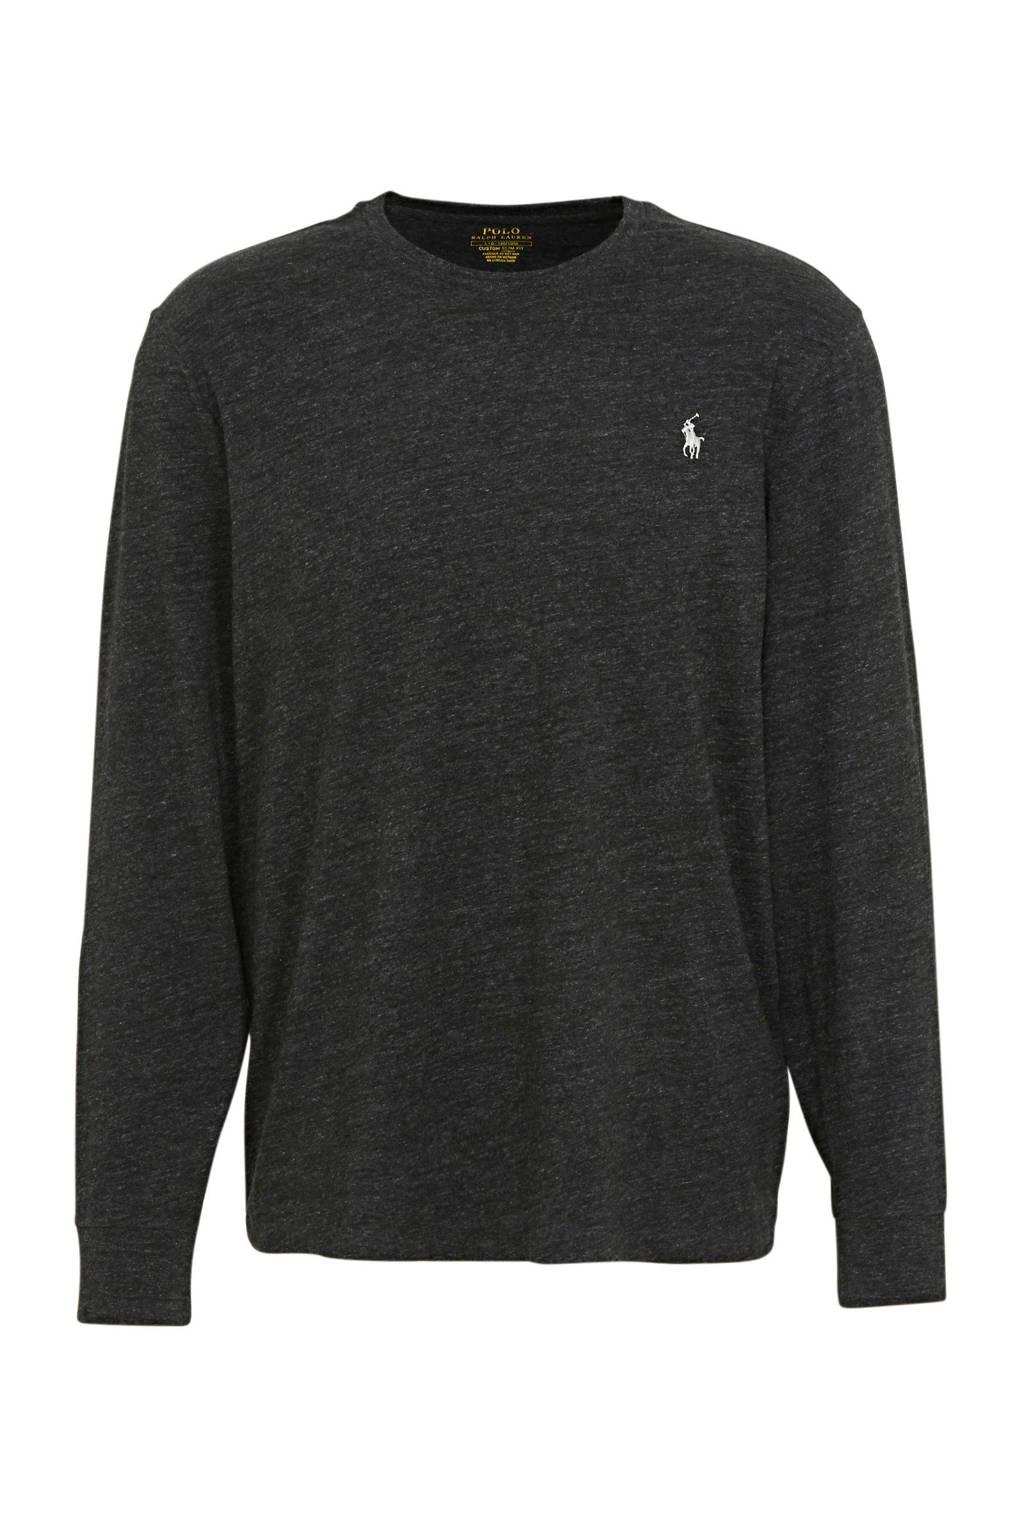 POLO Ralph Lauren gemêleerde fijngebreide trui zwart, Zwart